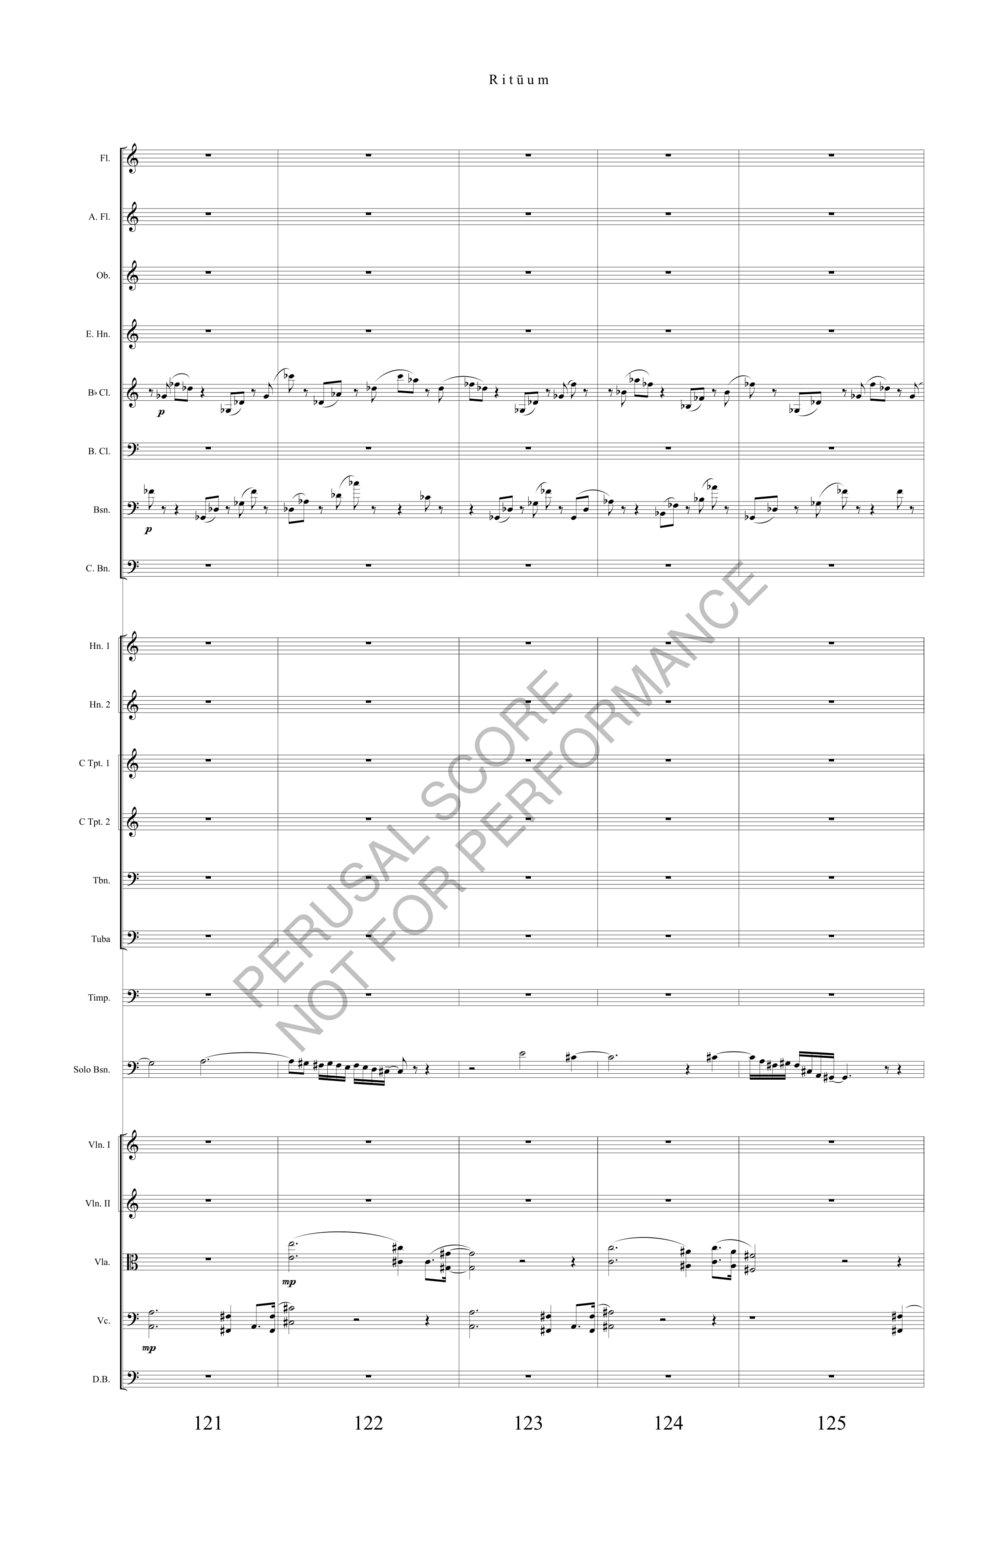 Boyd Rituum Score-watermark (1)-31.jpg